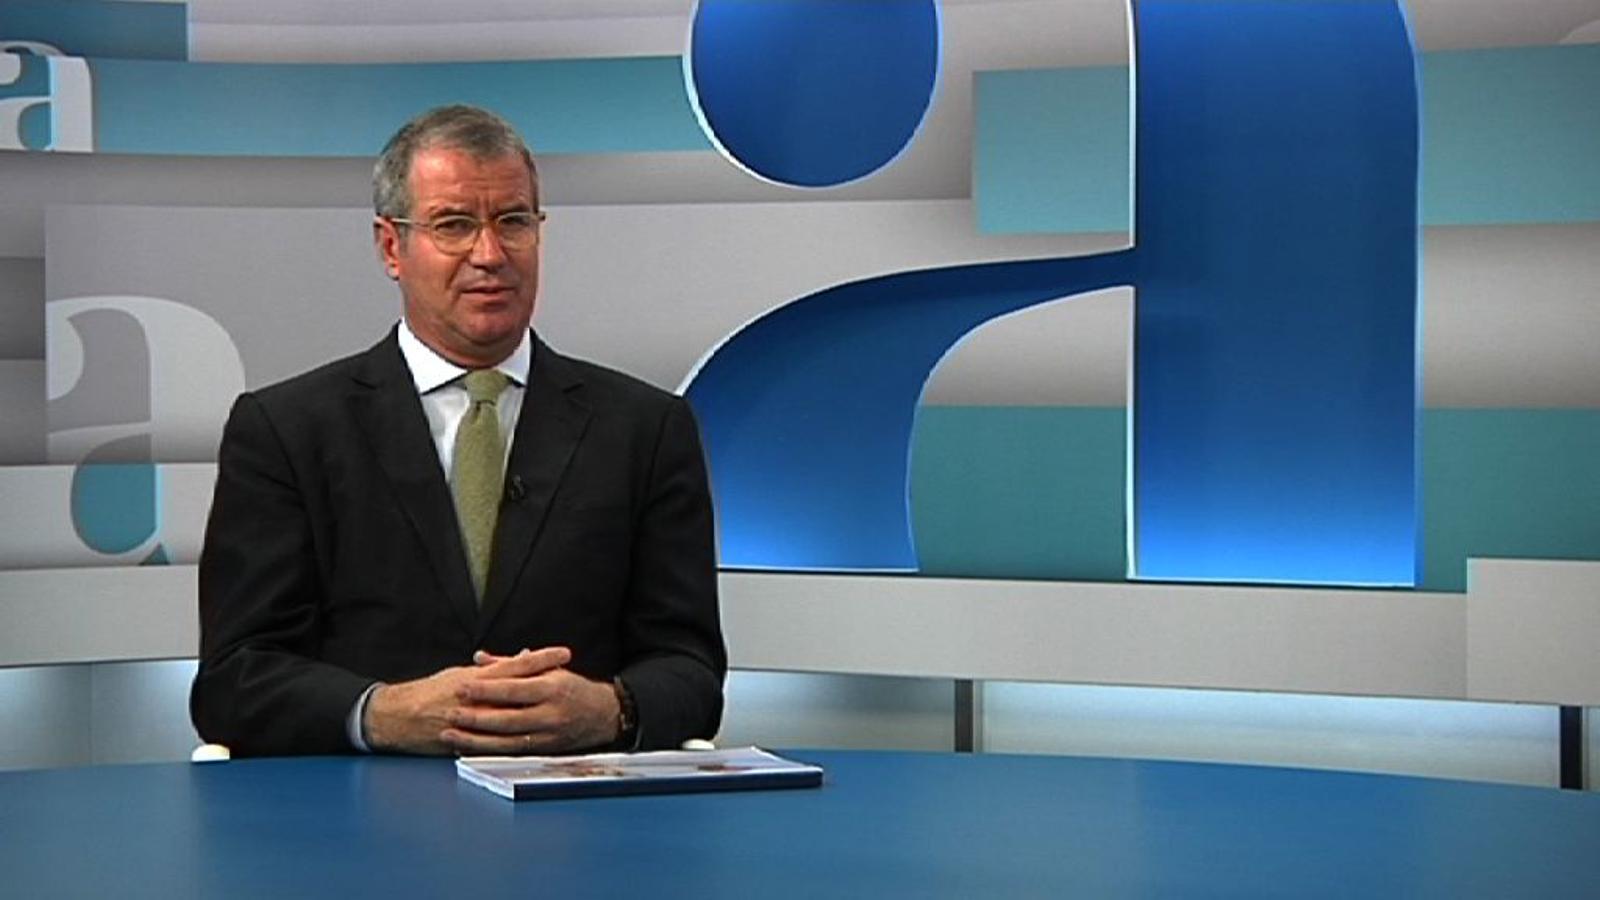 Albert Agustí ens explica les novetats del Global Sports Forum Barcelona 2011